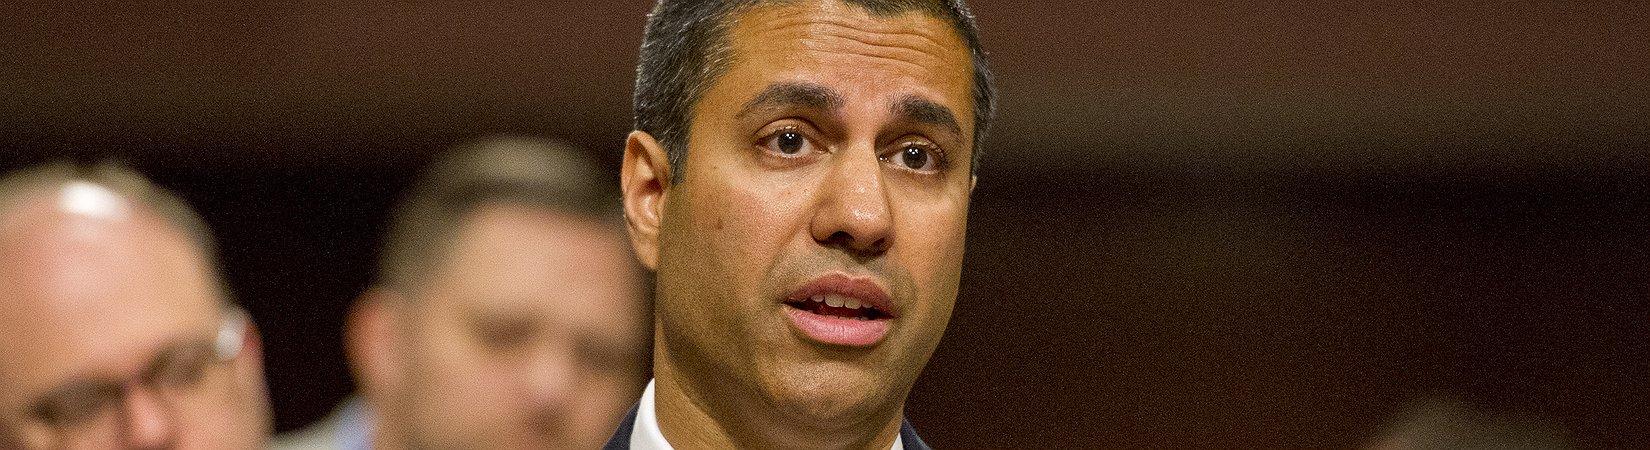 EE. UU. presenta su plan para desmantelar la neutralidad en la red